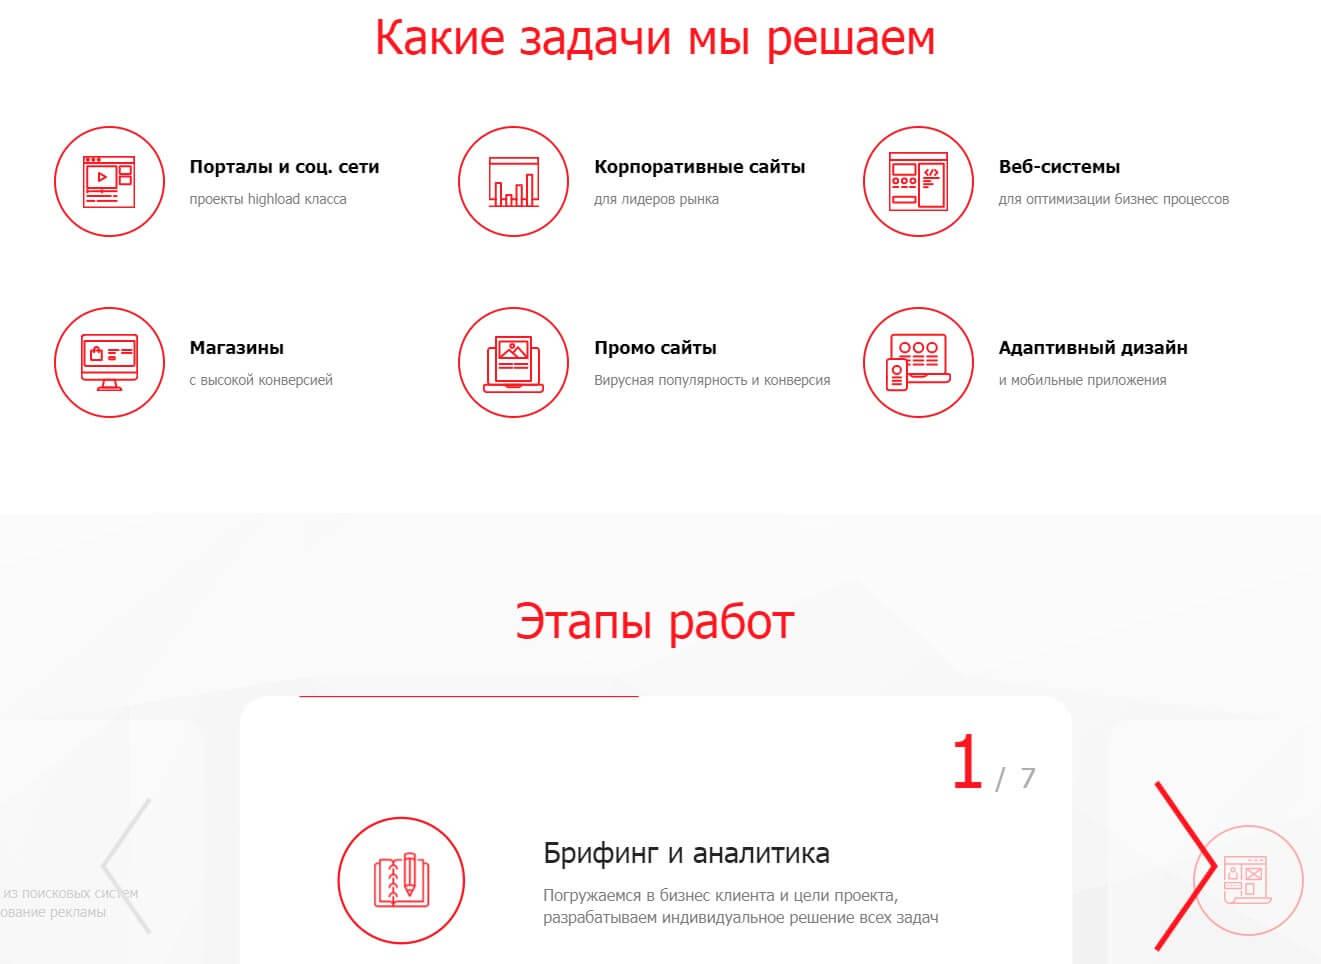 Sparkle Design - обзор компании, услуги, отзывы, клиенты | Google SEO, Фото № 2 - google-seo.pro